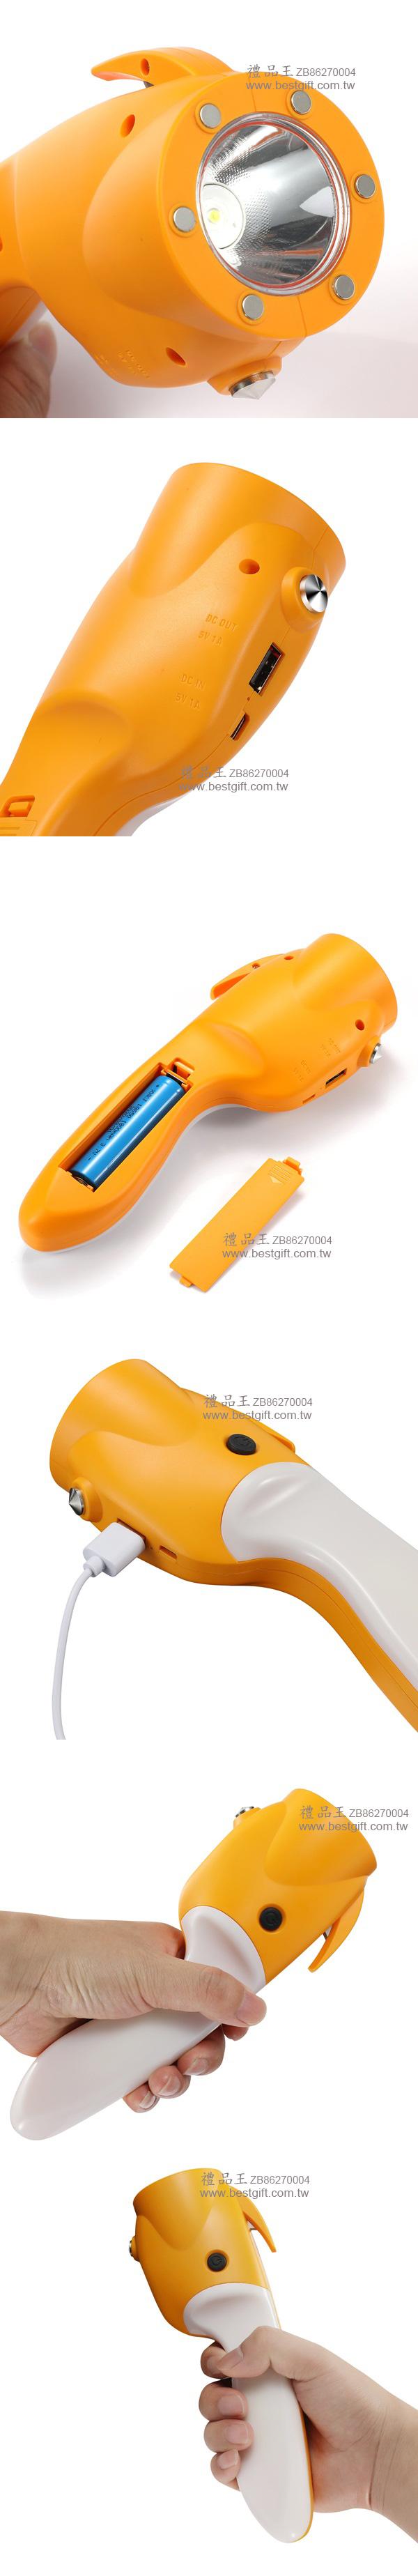 多功能車用逃生錘安全帶割刀磁吸手電筒    商品貨號: ZB86270004